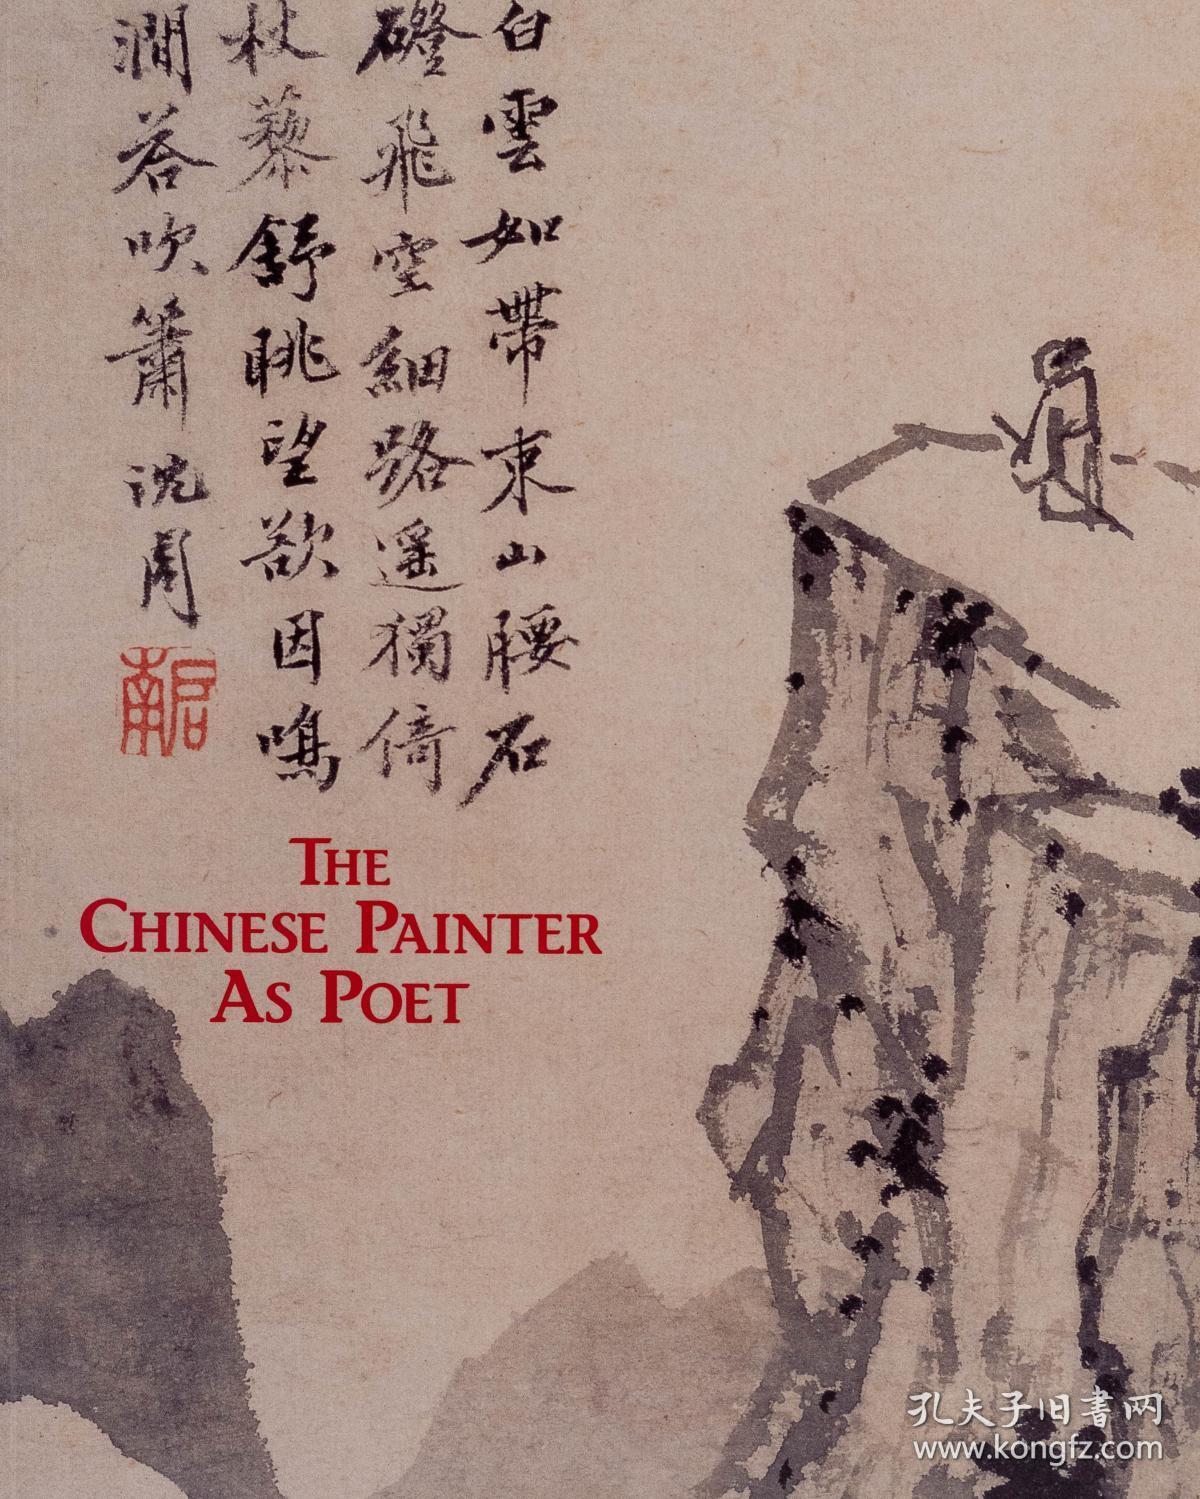 【现货】The Chinese Painter as Poet 中国诗画家 华美协进社 2000年展览图录